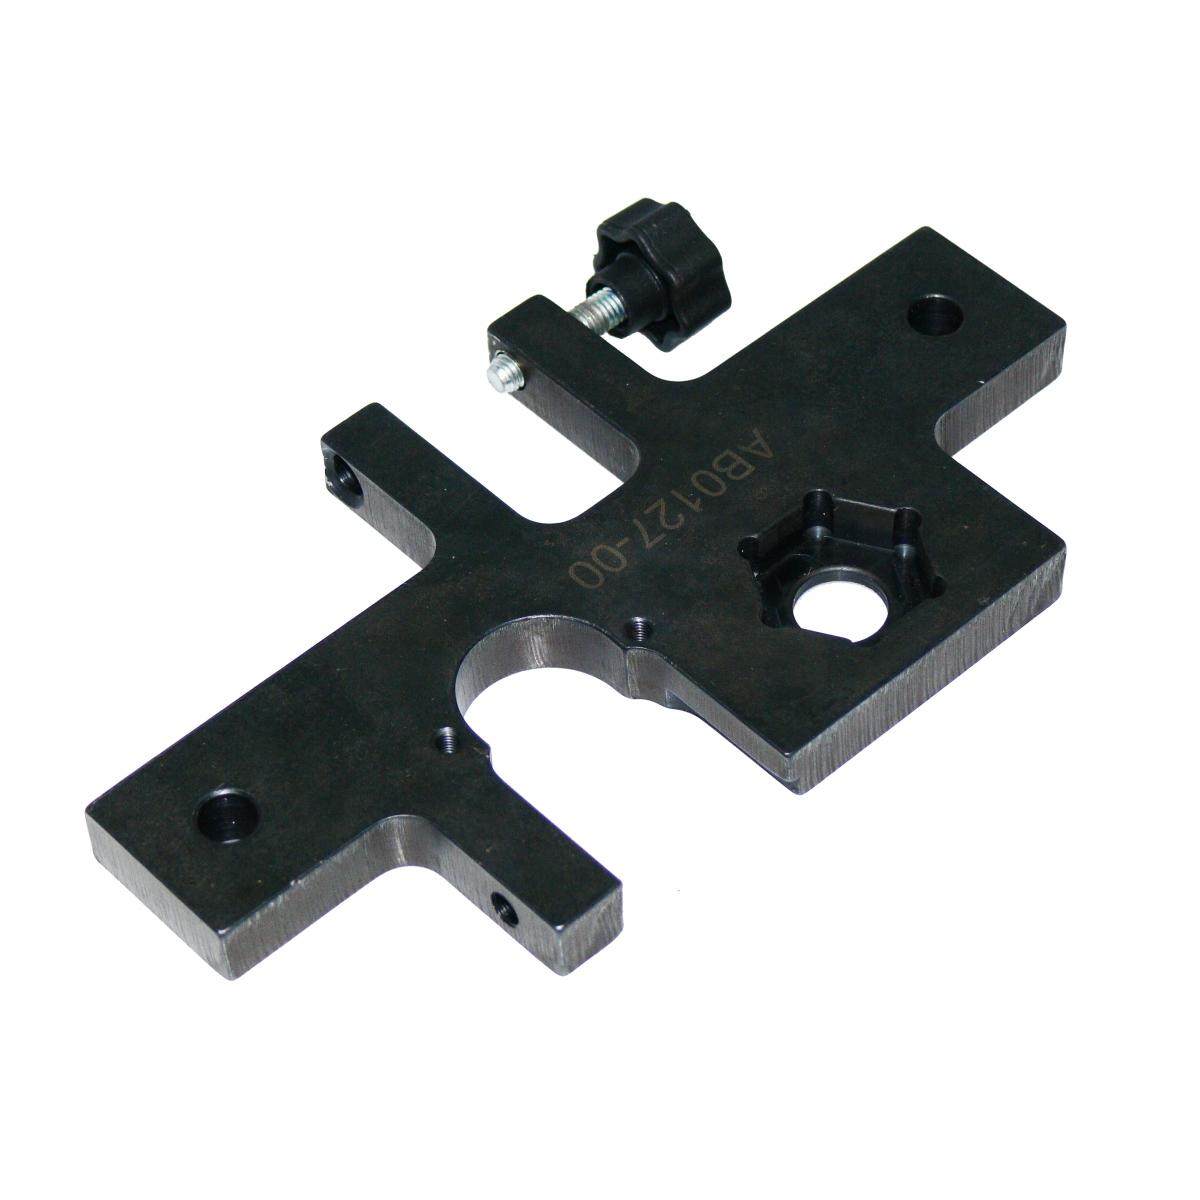 Кронштейн для разборки и сборки EUI/EUP под размеры: 28.2, 32.5, 39.5mm Car-Tool CT-0127S